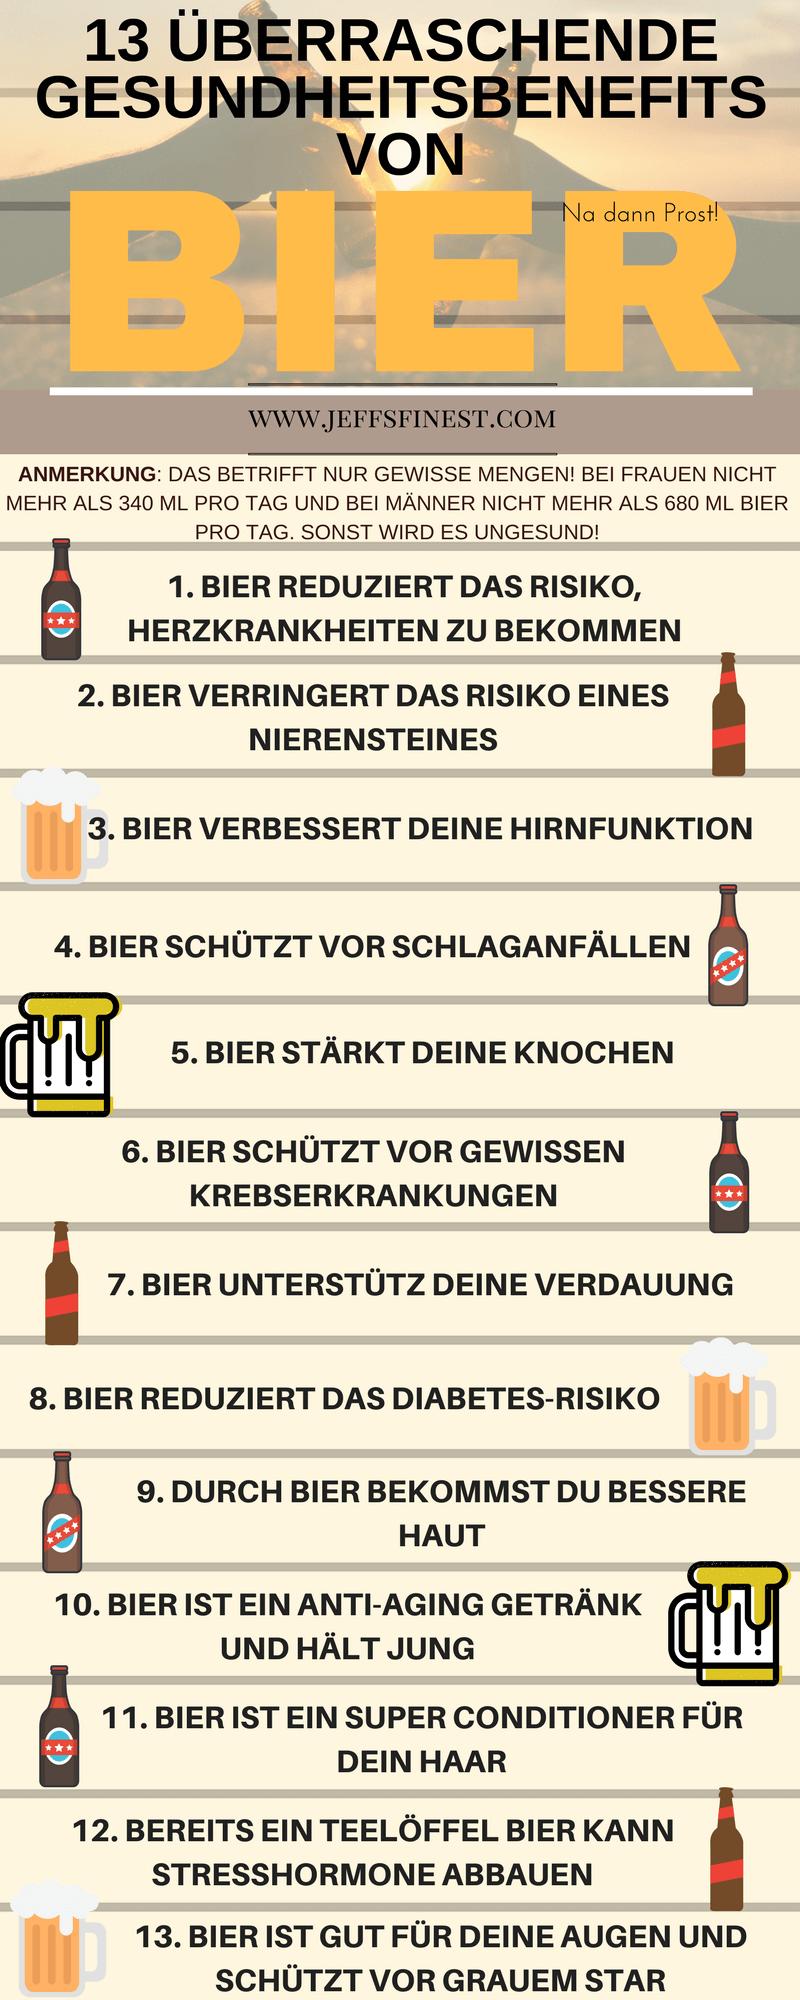 na-dann-prost-13-ueberraschende-gesundheitliche-vorteile-von-bier-infografik